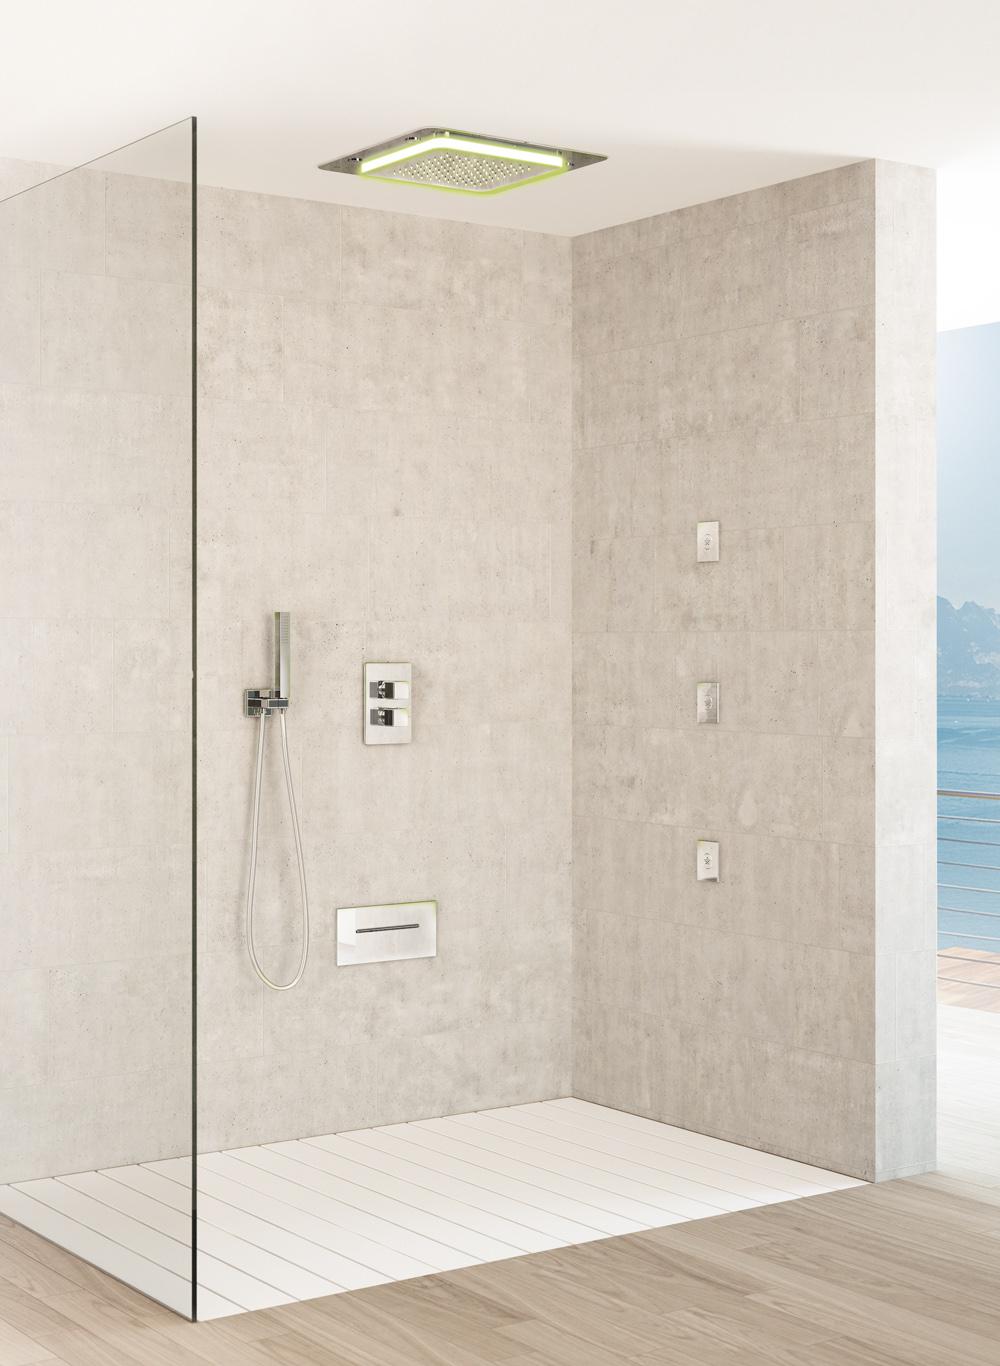 Una doccia emozionale nel bagno di casa social design - Soffione della doccia ...